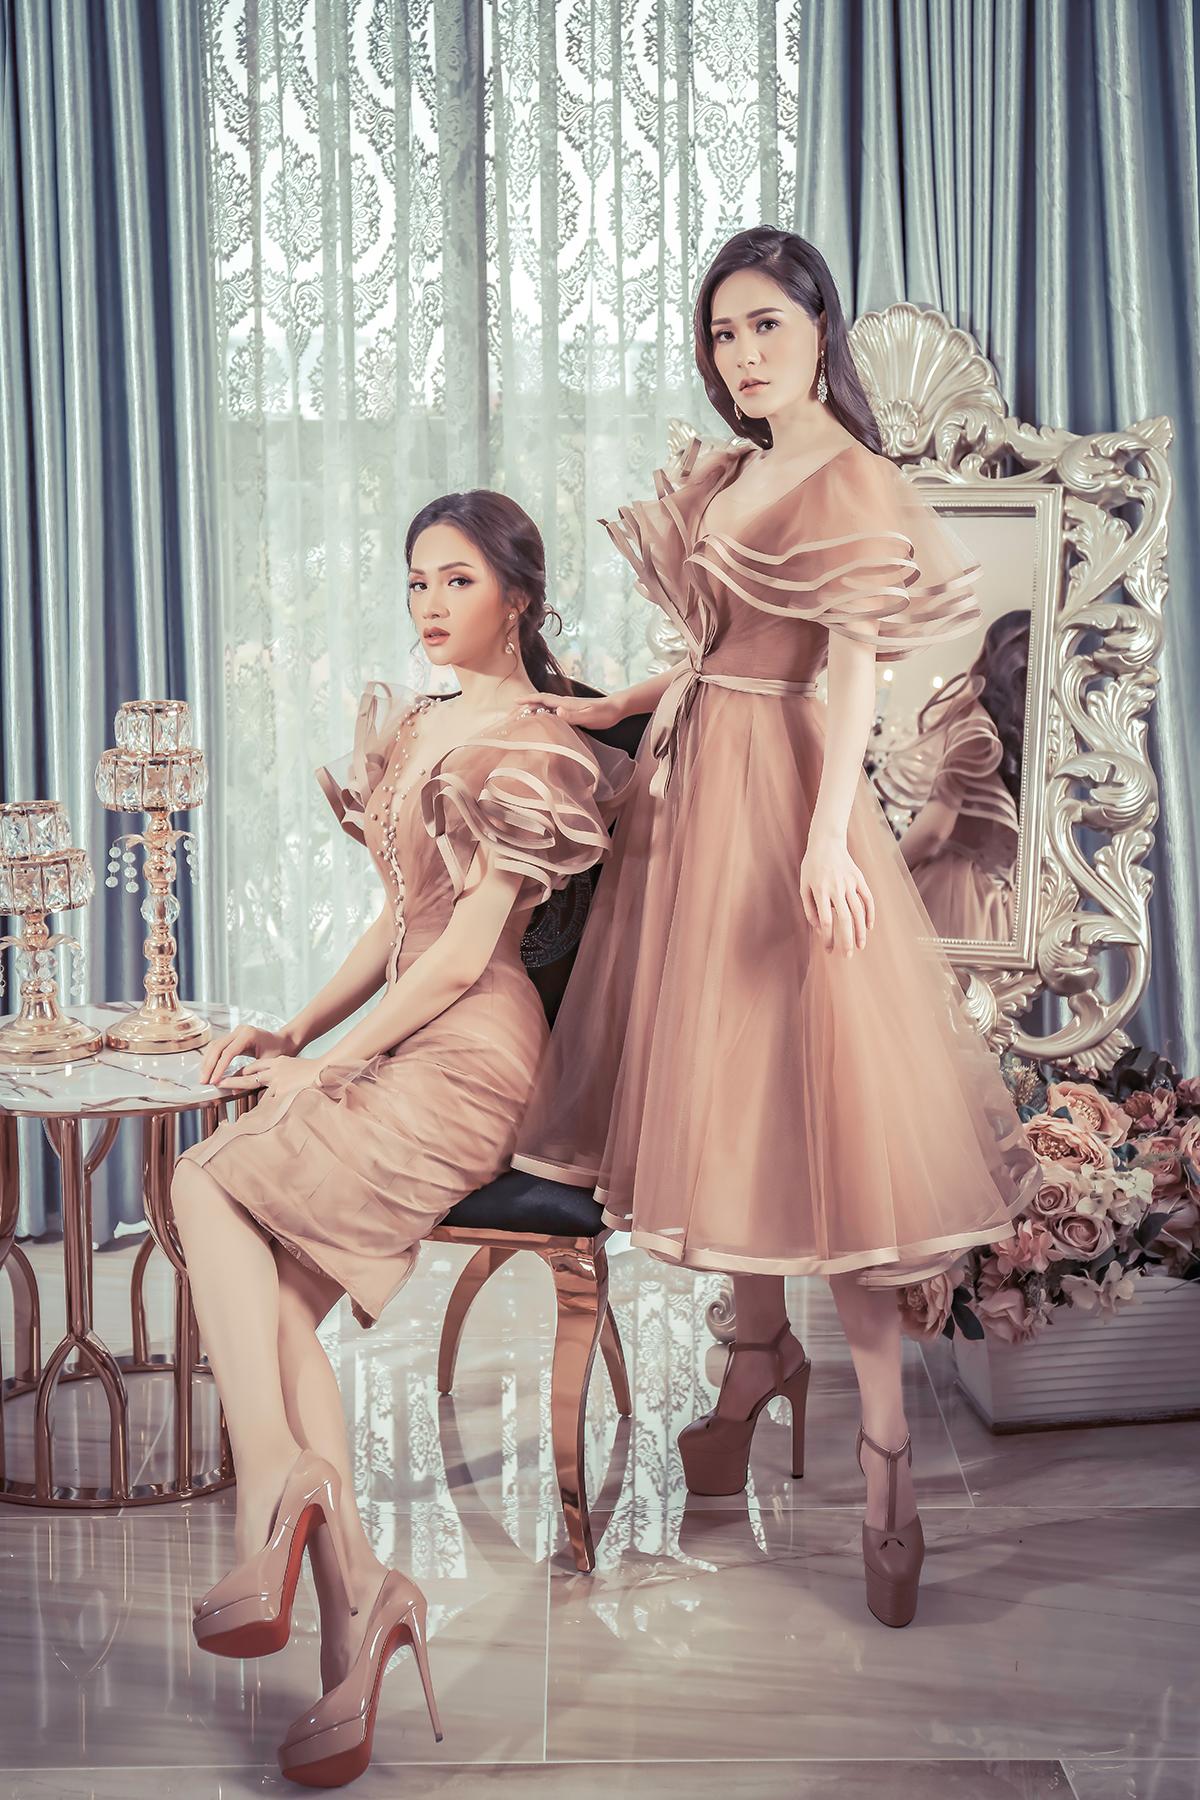 Hoa hậu Hương Giang đẹp xuất thần trong thiết kế ren mỏng tang - Ảnh 8